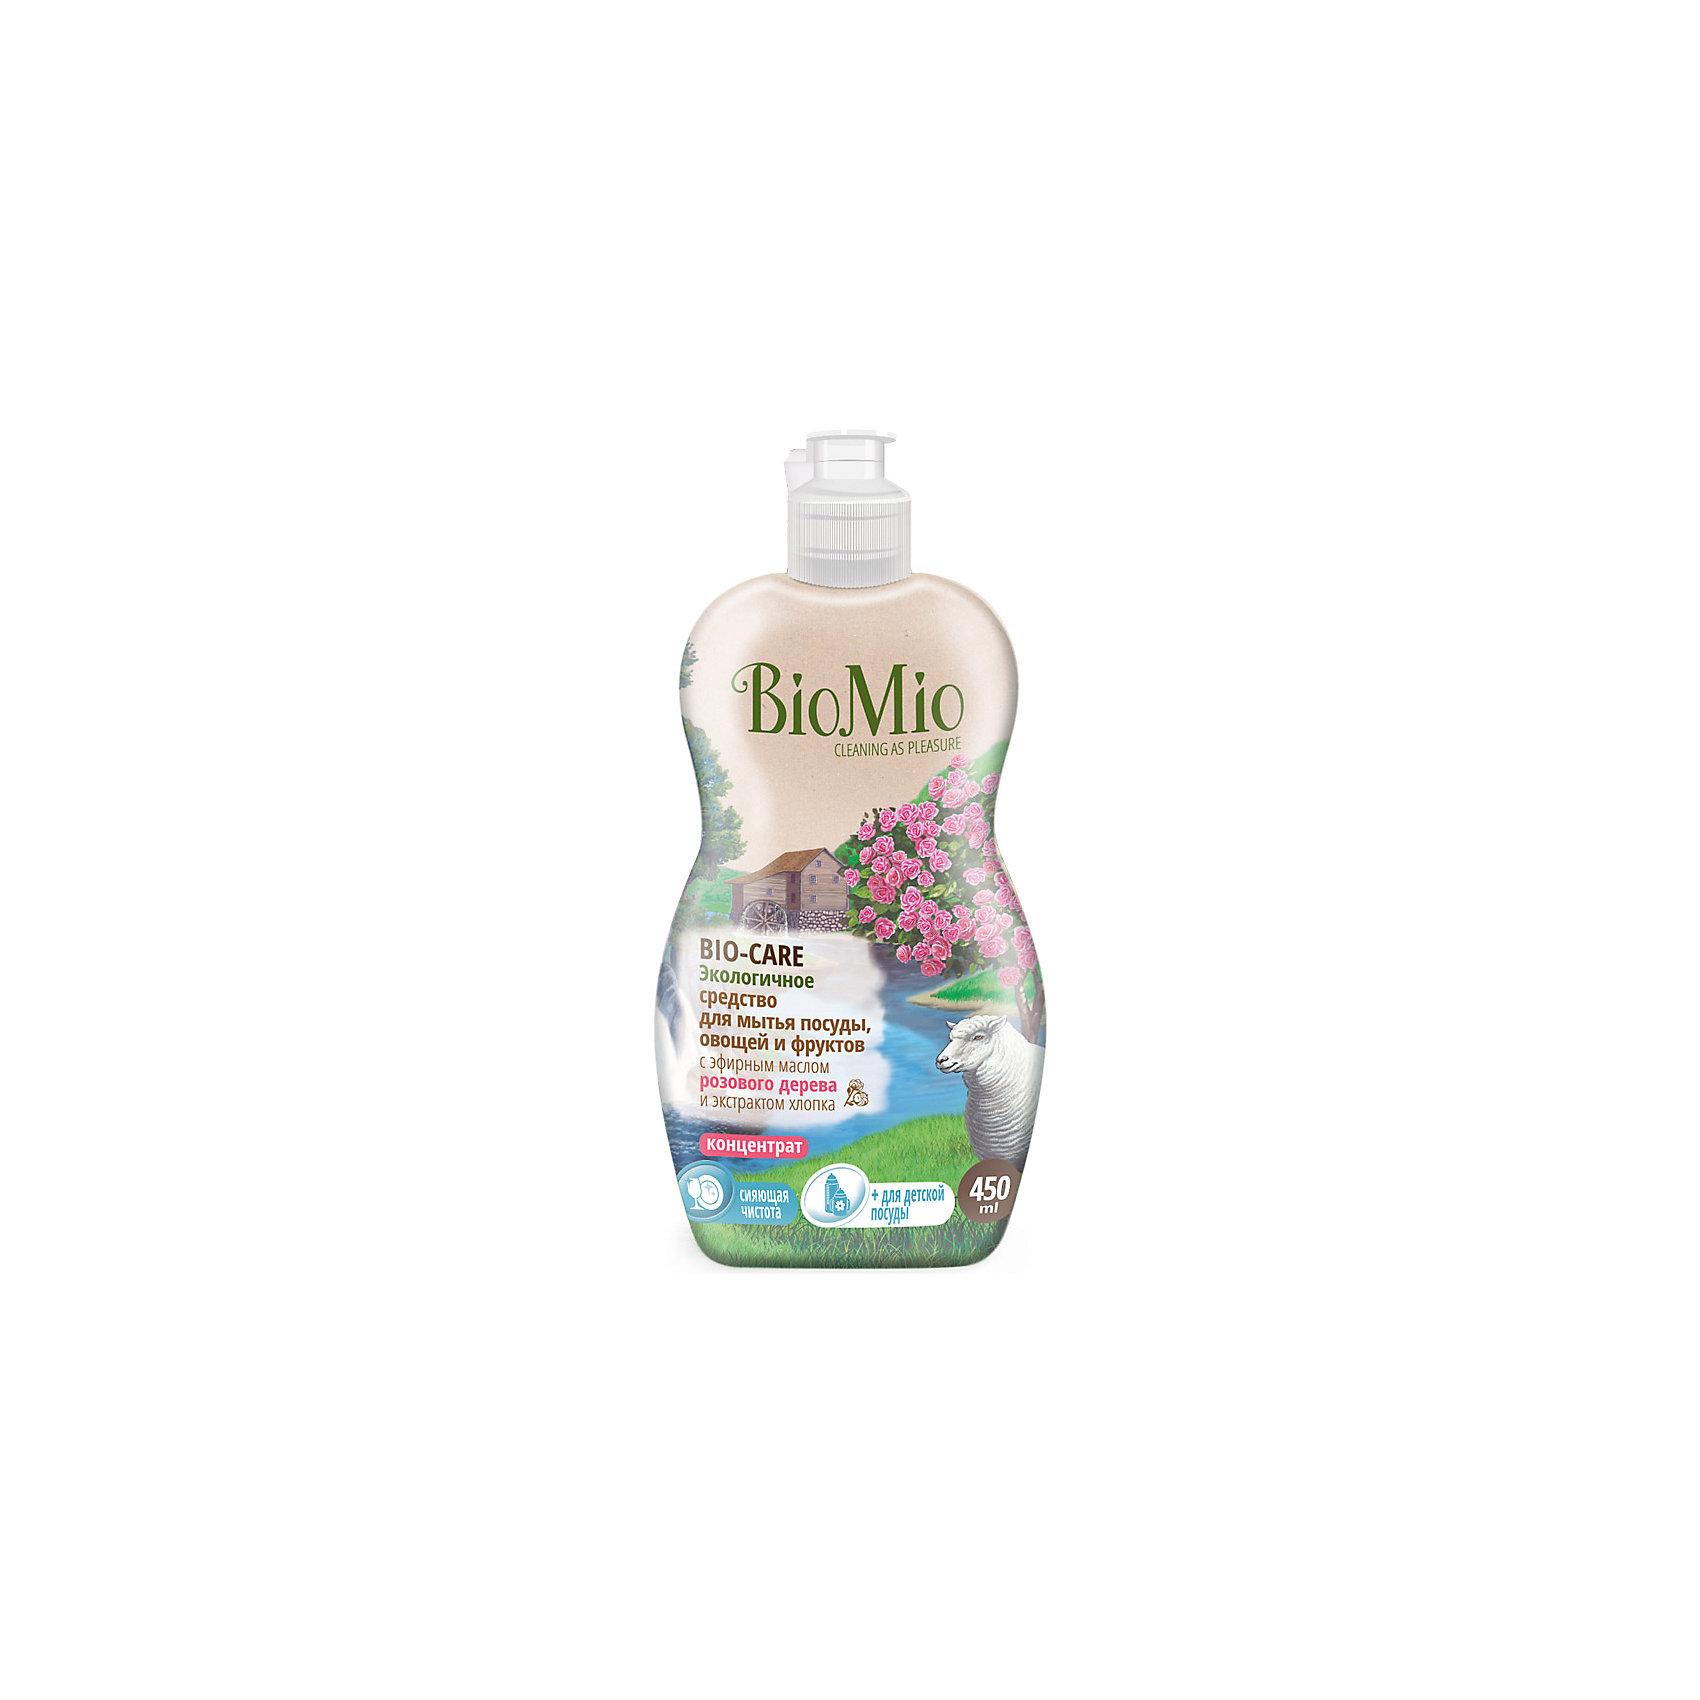 Экологичное средство для мытья посуды, овощей и фруктов с маслом вербены, BIO MIOБытовая химия<br>Экологичное средство для мытья посуды, овощей и фруктов с маслом вербены, от известного бренда из Дании BIO MIO (Био Мио). Впустите атмосферу безопасной чистоты в ваш дом! Это средство имеет в составе эфирное масло вербены и хорошо справляется с остатками пищи и загрязнениями, не оставляя разводов и уничтожая микробы, благодаря антибактериальной формуле. Концентрированная формула позволит использовать стандартную бутылочку объема 450 мл. дольше обычного. Гиппоалергенный, РH нейтральный, не имеет в составе небезопасных веществ и искусственных добавок. Экстракт хлопка оказывает благотворное воздействие и оберегает руки, сохраняя их нежность. Этим средством рекомендовано пользоваться с первых дней малыша. Датское качество отвечает европейским стандартам и осуществляет безопасную заботу о детях и планете.<br>Дополнительная информация:<br><br>- Объем: 450 мл. <br>- Не содержит искусственные ароматизаторы и красители, агрессивные ПАВ, нефтепродукты, PEG, фосфаты, хлор, SLS/SLES.<br><br>Экологичное средство для мытья посуды, овощей и фруктов с маслом вербены, BIO MIO (Био Мио) можно купить в нашем интернет-магазине.<br>Подробнее:<br>• Для детей в возрасте: от 0 лет<br>• Номер товара: 5008293 <br>Страна производитель: Дания<br><br>Ширина мм: 300<br>Глубина мм: 100<br>Высота мм: 50<br>Вес г: 500<br>Возраст от месяцев: 0<br>Возраст до месяцев: 36<br>Пол: Унисекс<br>Возраст: Детский<br>SKU: 5008293